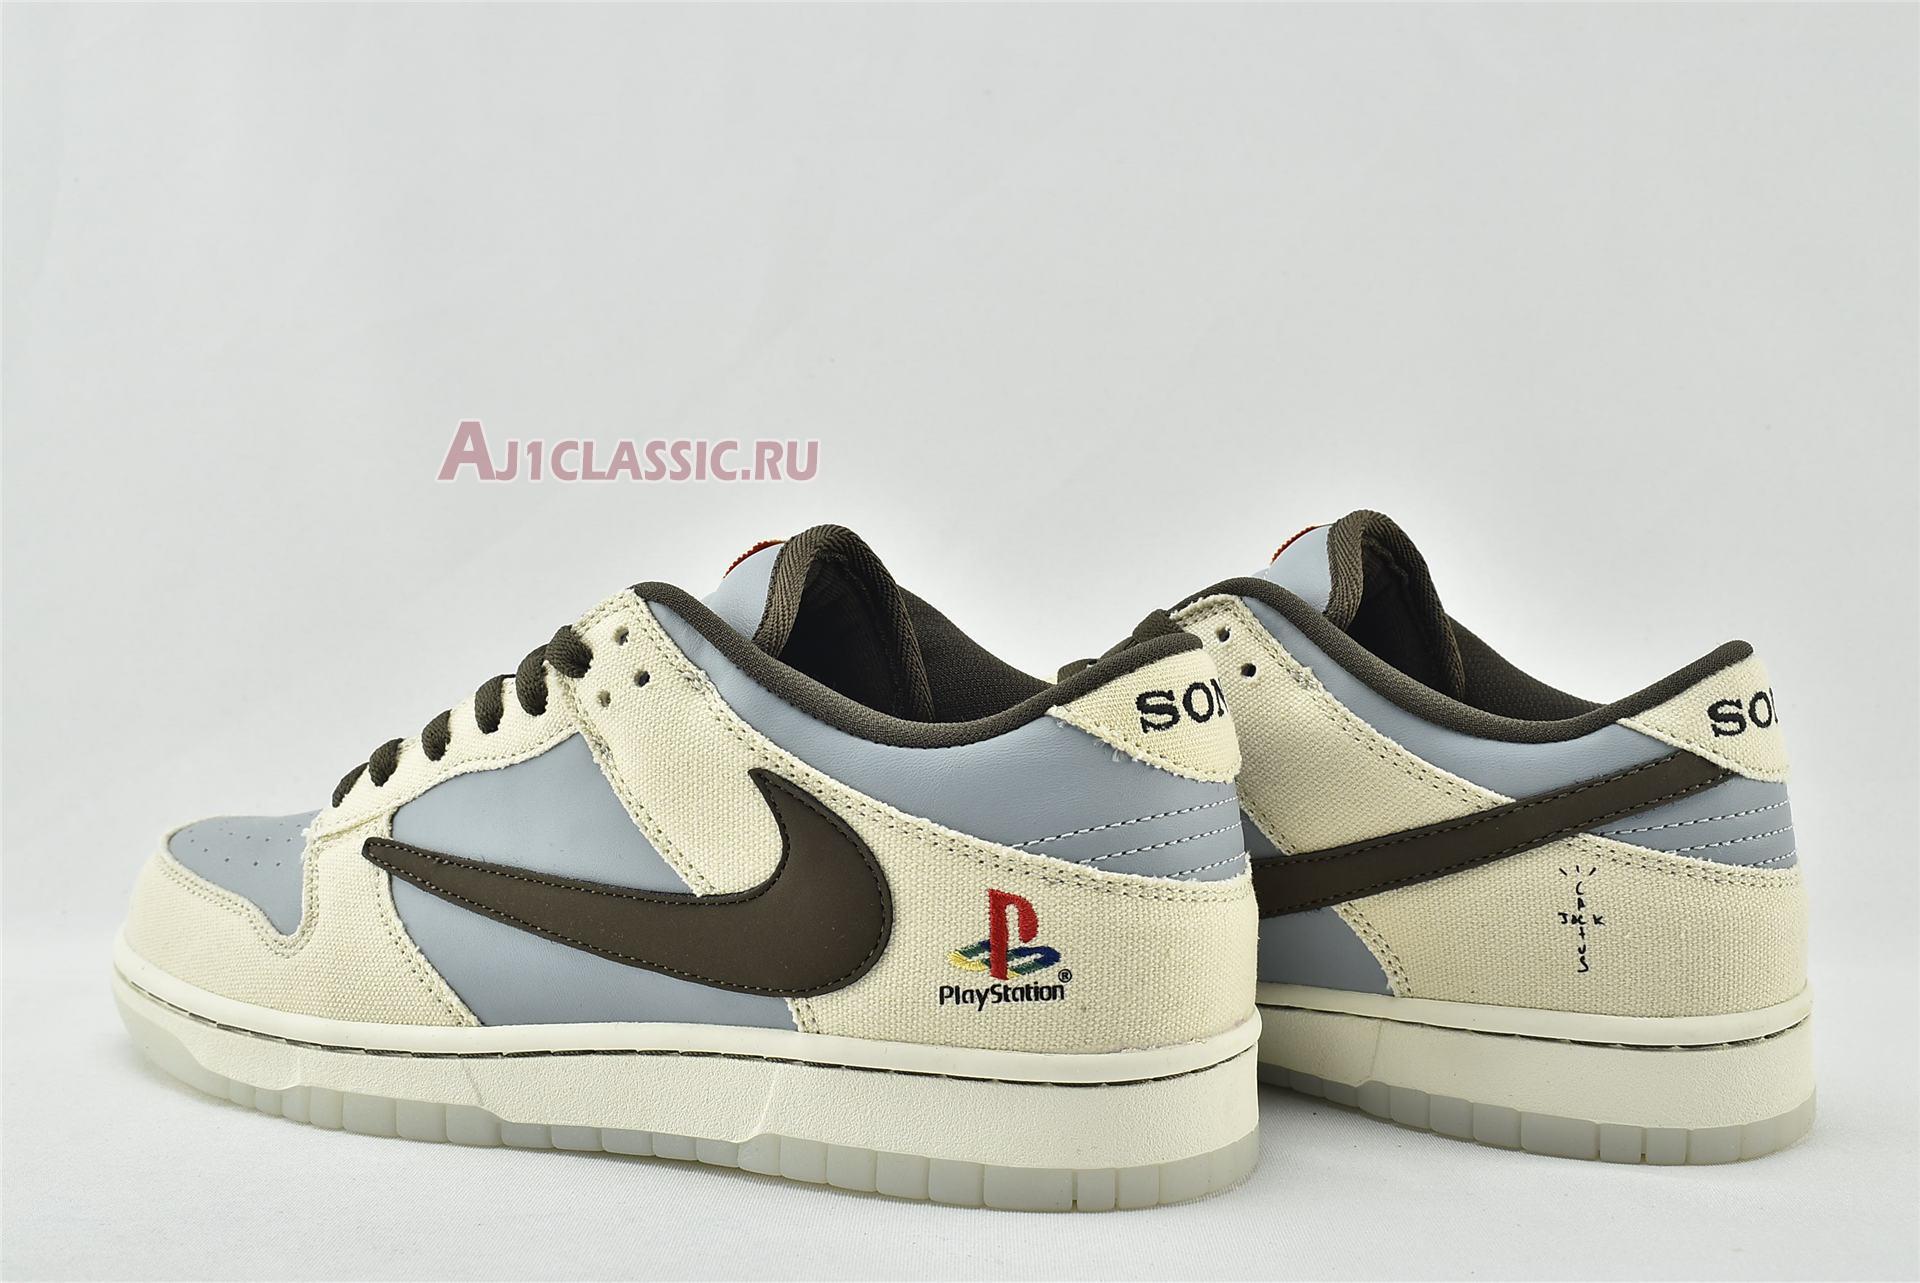 Travis Scott x PlayStation x Nike Dunk Low CU1726-800